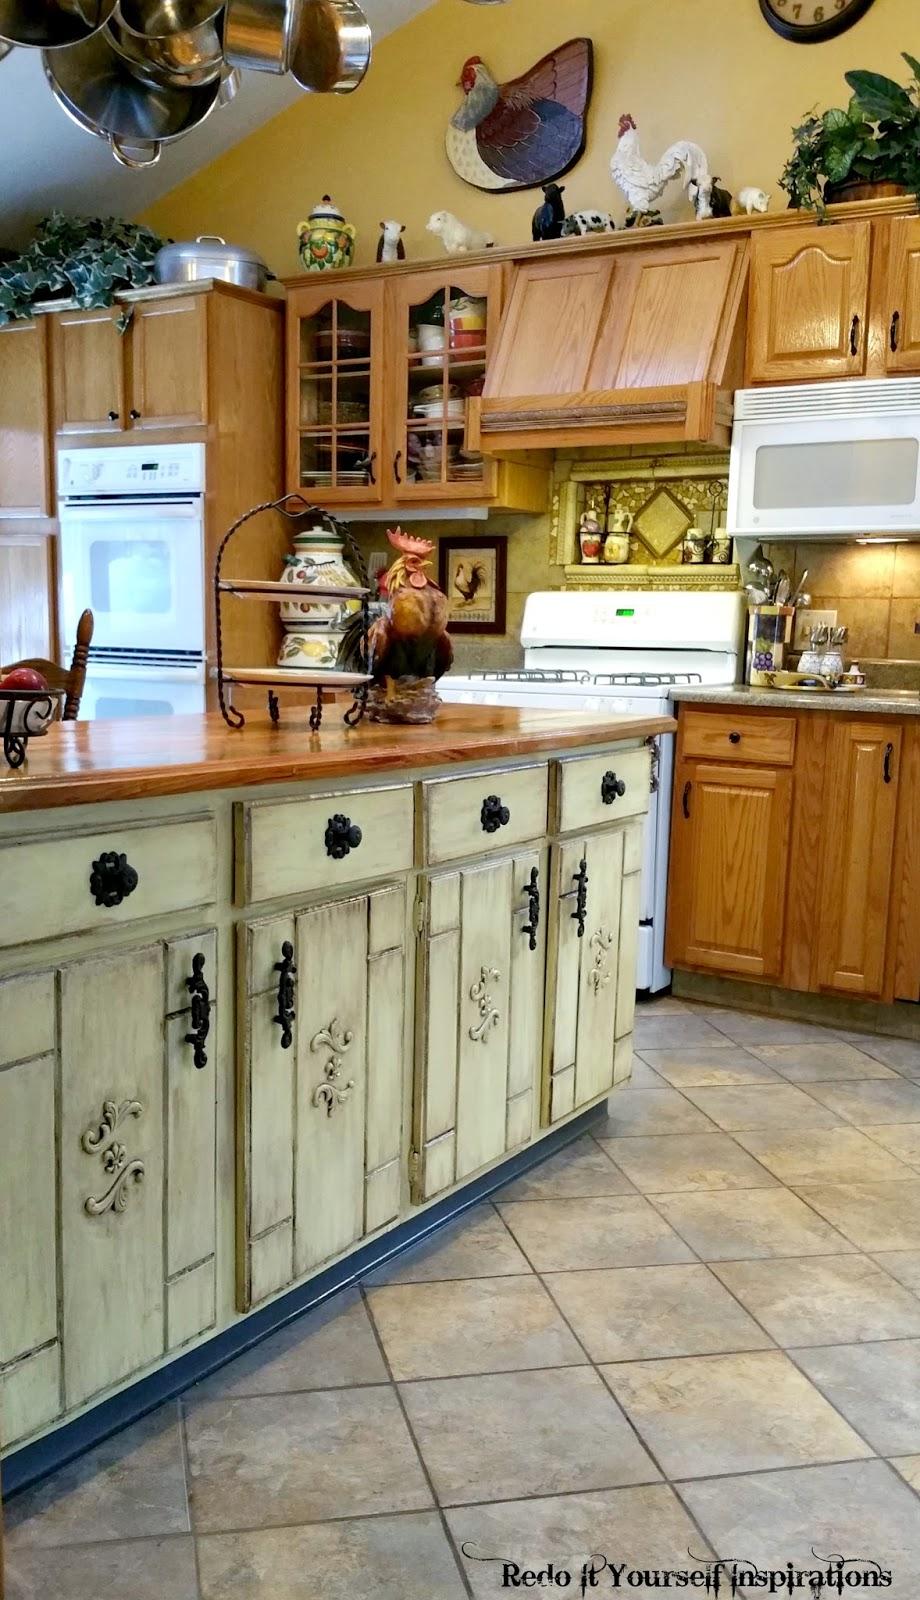 Kitchen Island kitchen island makeover pictures : Kitchen Island Redo | Redo It Yourself Inspirations : Kitchen ...